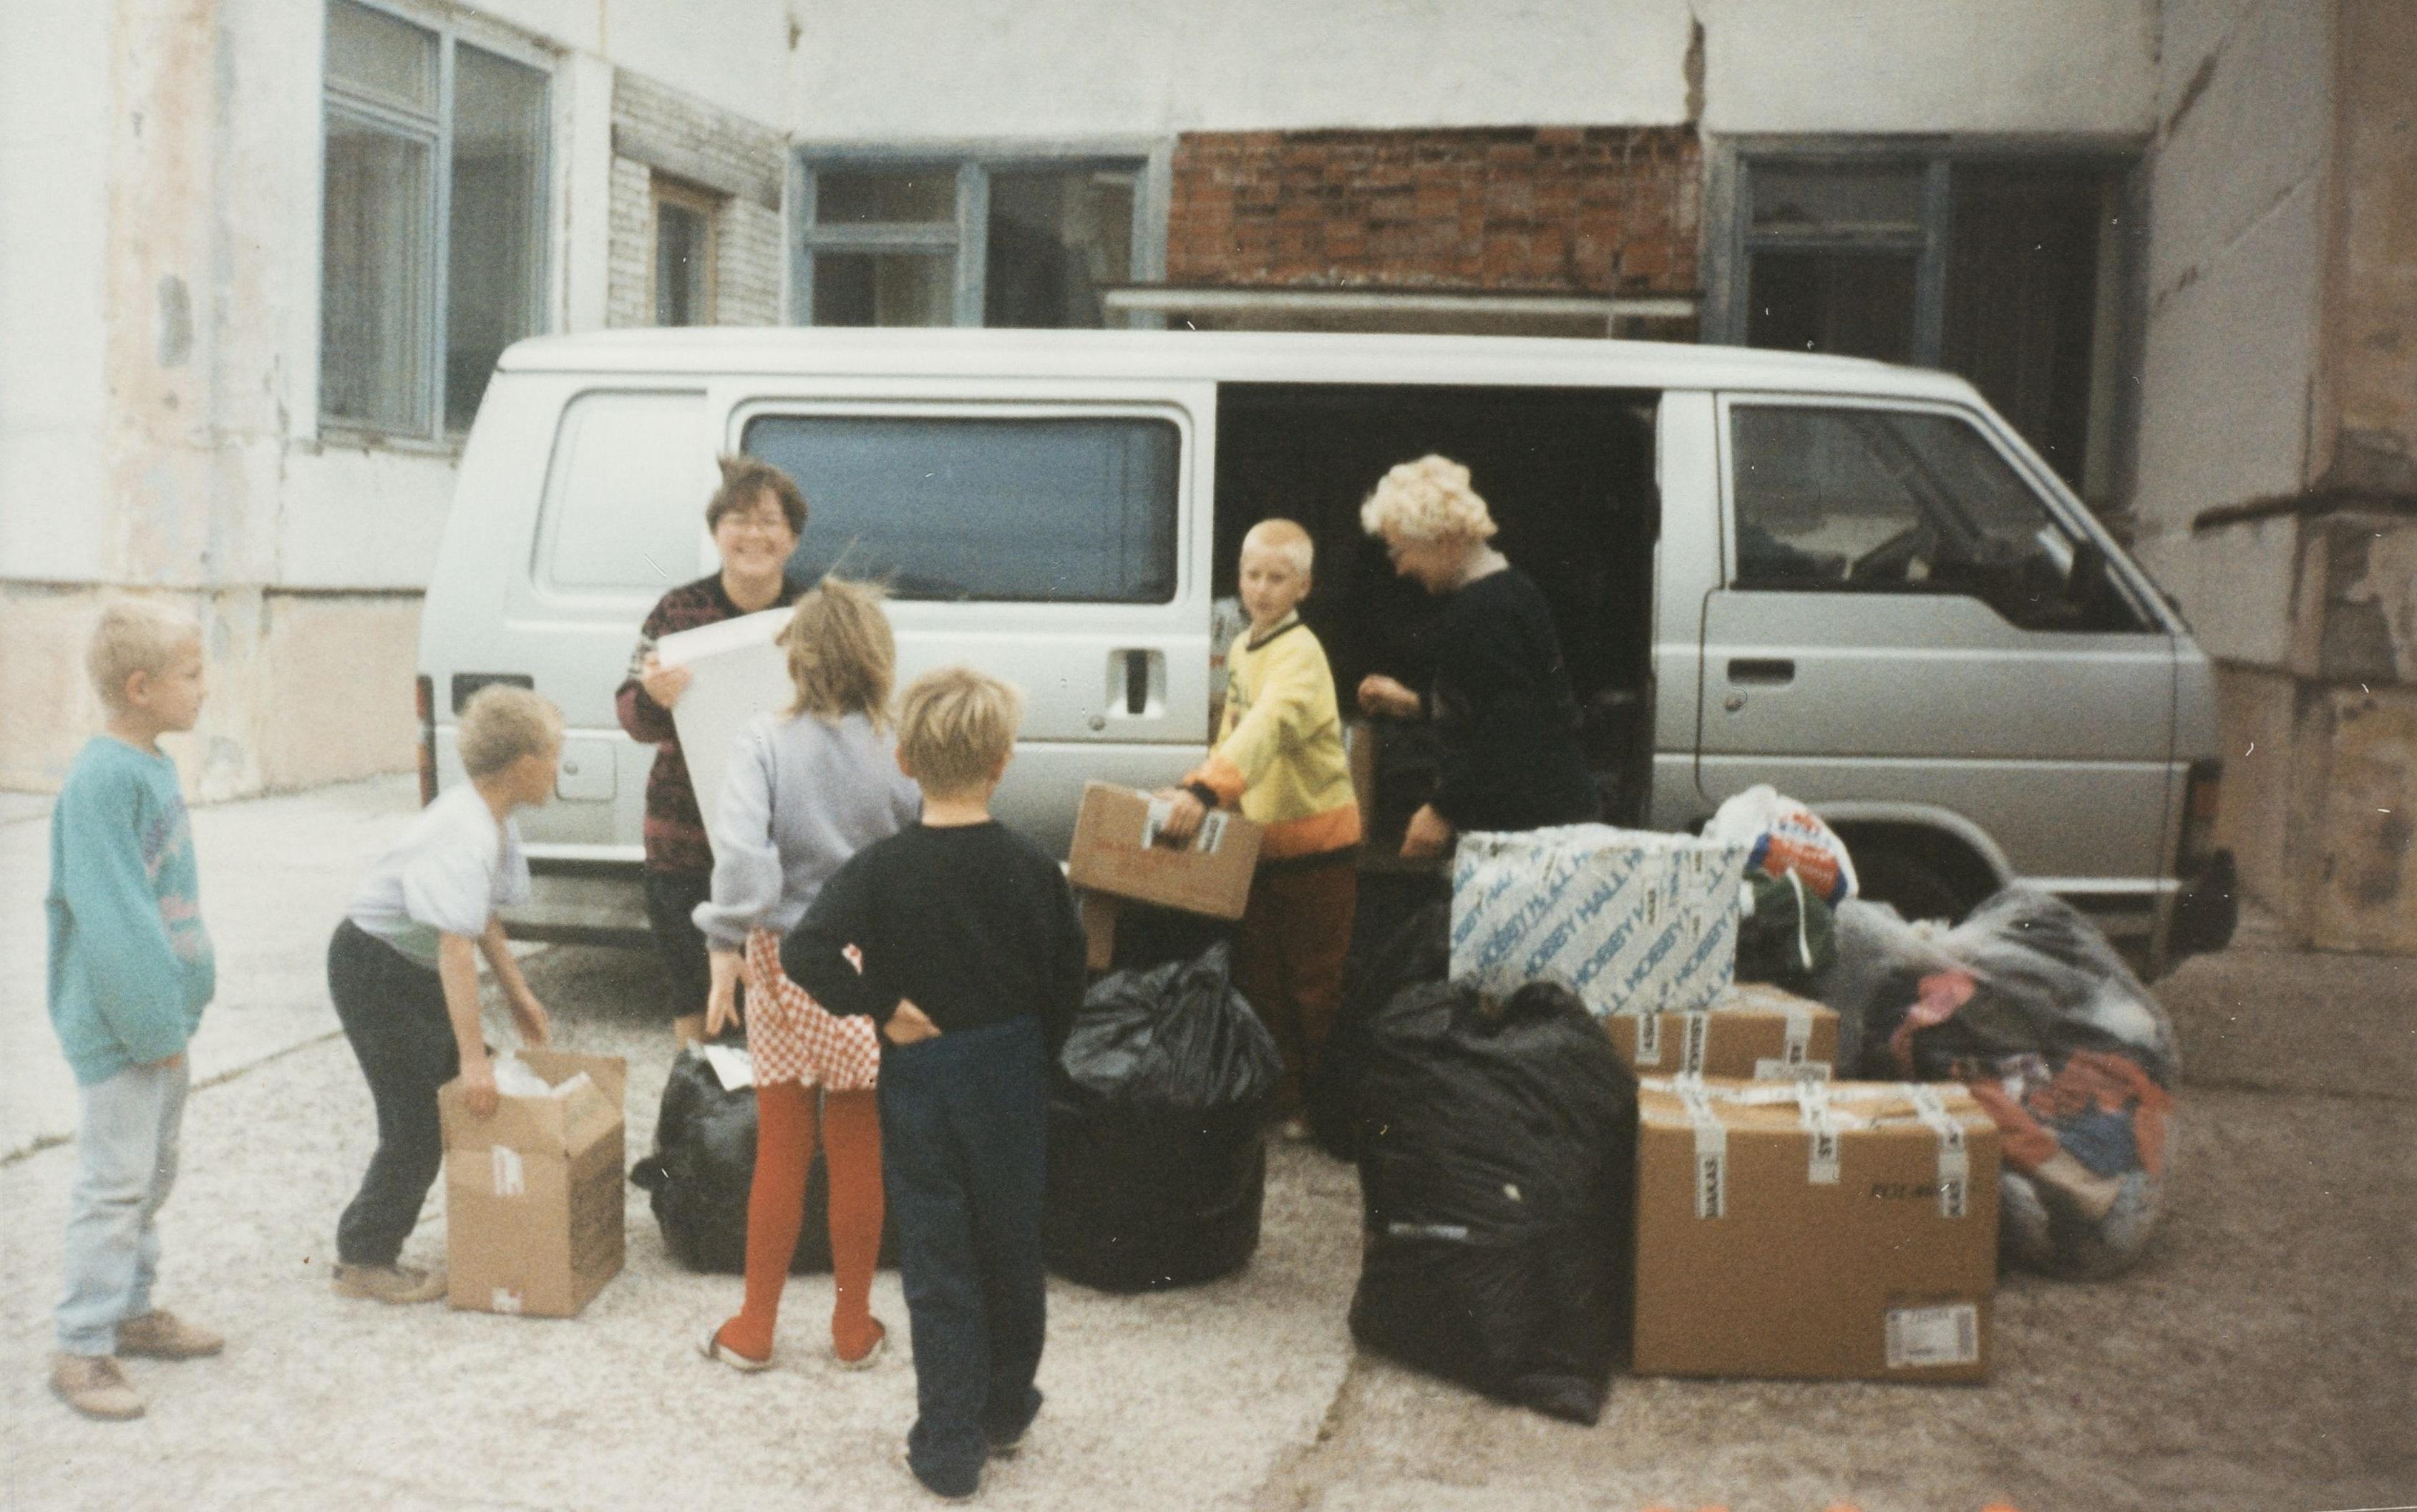 Lilja Skibjuk (o.s. Tatti) toimittamassa tavara-apua venäläiseen lastenkotiin vuonna 1996. Avustusta vastaanottamassa ovat lastenkodin johtaja ja lapsia. SKS KIA, Tatti-perheen arkisto. CC BY 4.0